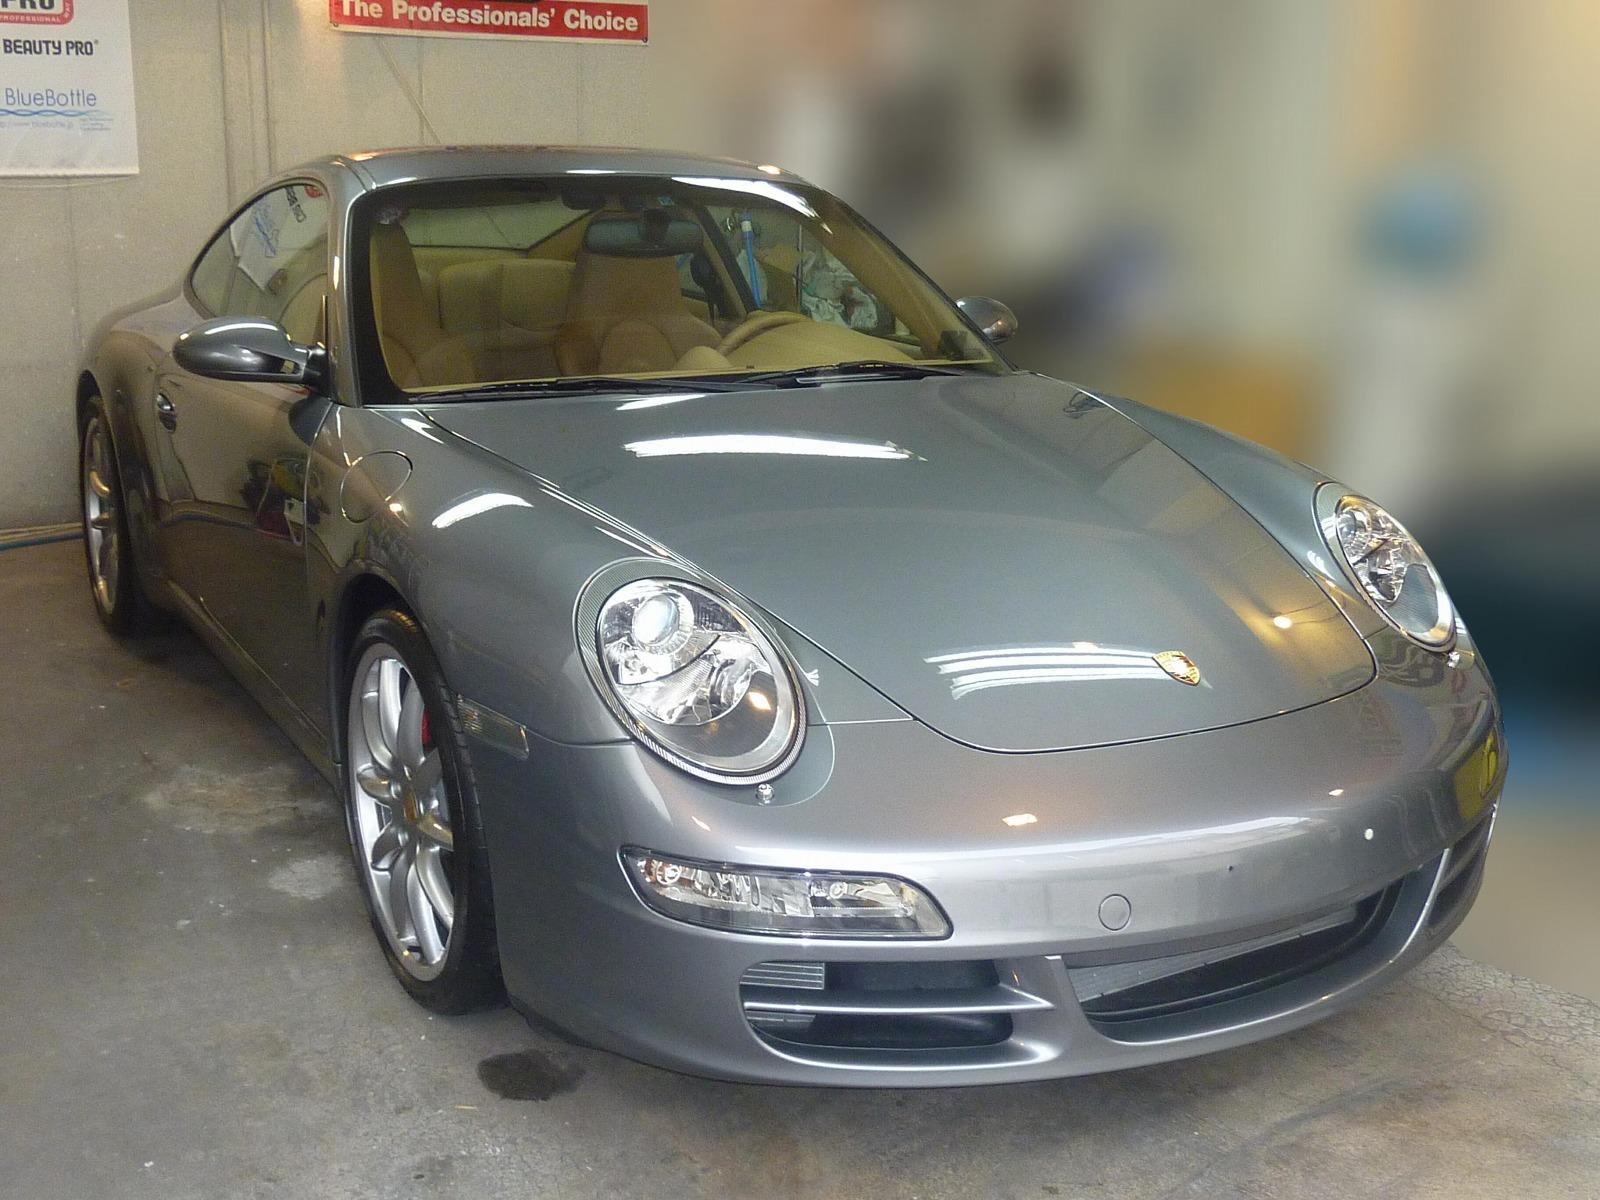 20130715-porsche-911-carreras-01